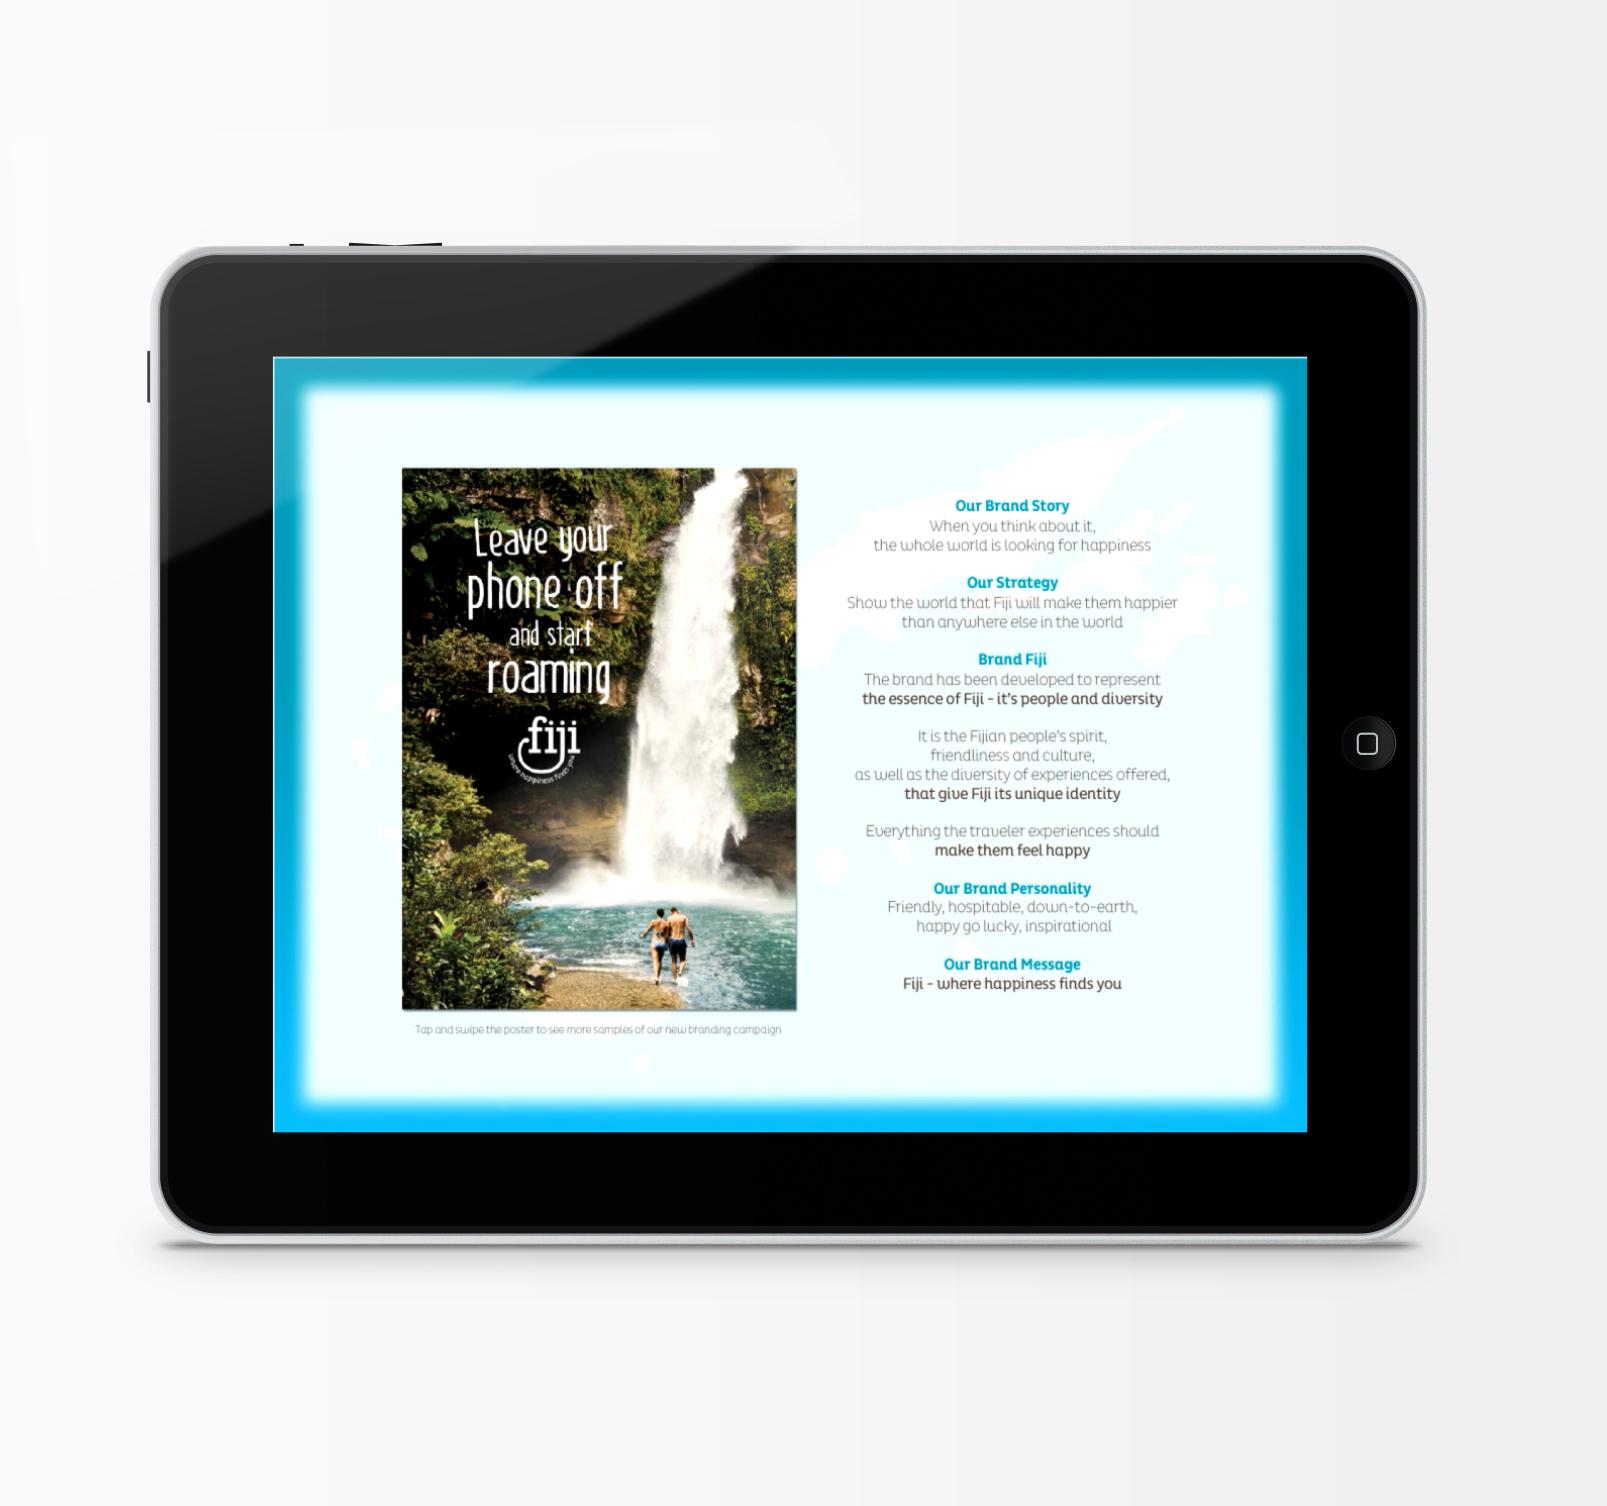 iPad_FijiA